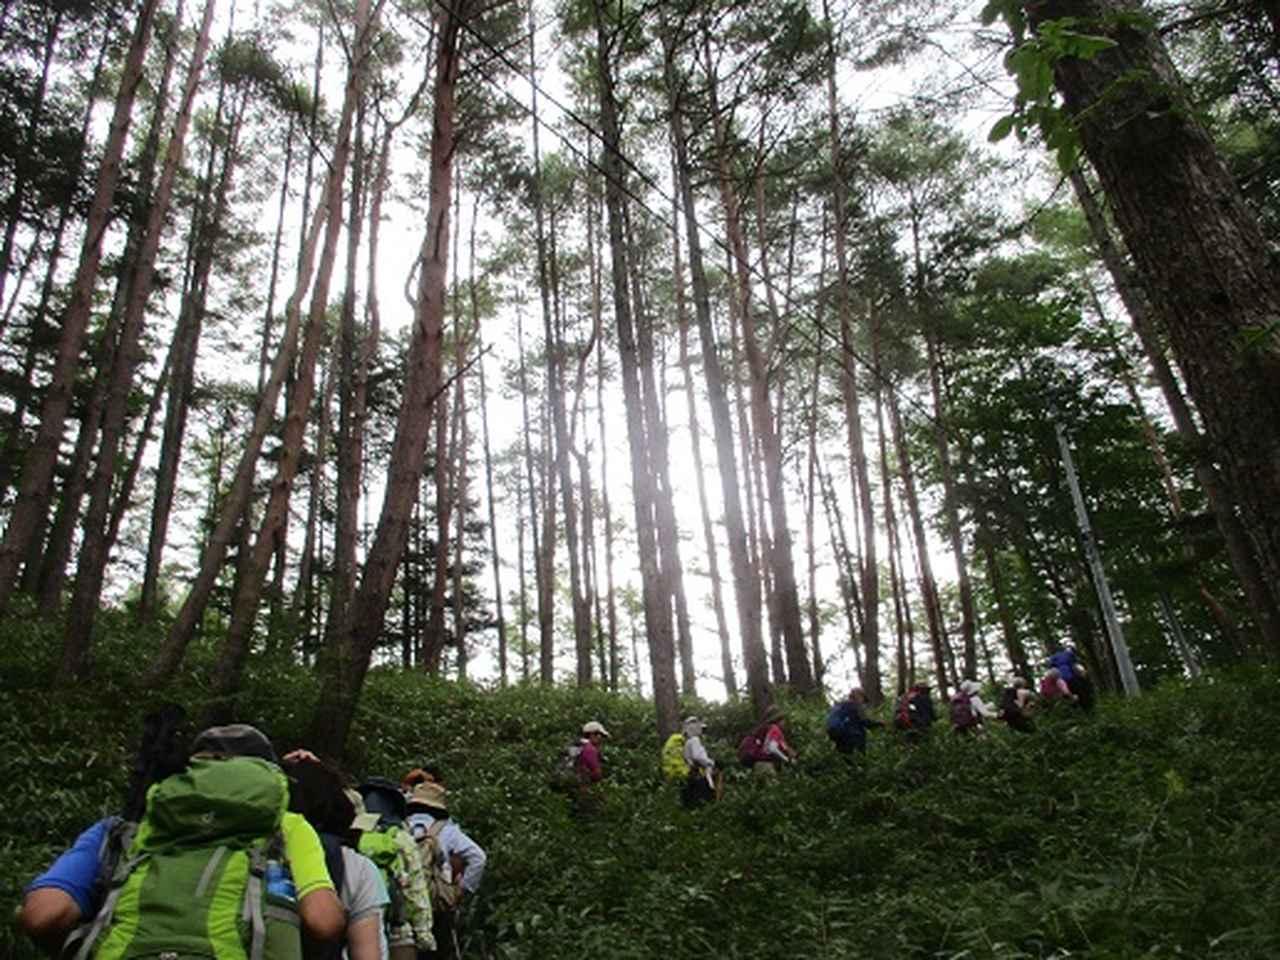 画像3: 【山旅会・登山ガイドこだわりツアー】添乗員からの便り・入笠山ツアーにいってまいりました!(その1)